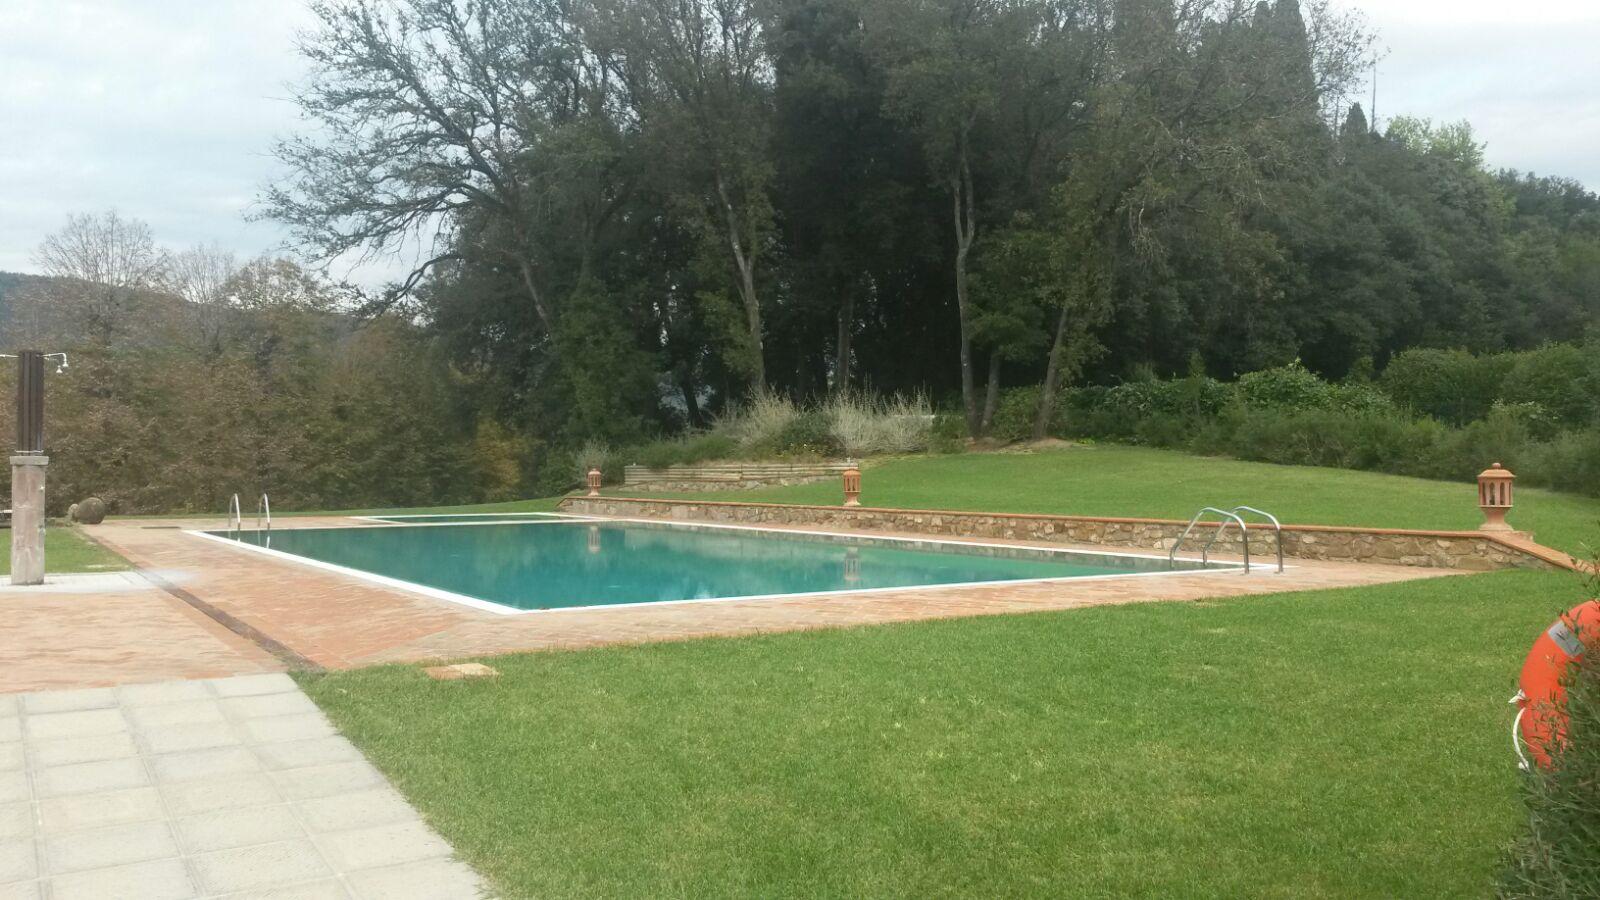 Appartamento in affitto a Montelupo Fiorentino, 2 locali, zona Zona: Camaioni, prezzo € 650 | Cambio Casa.it